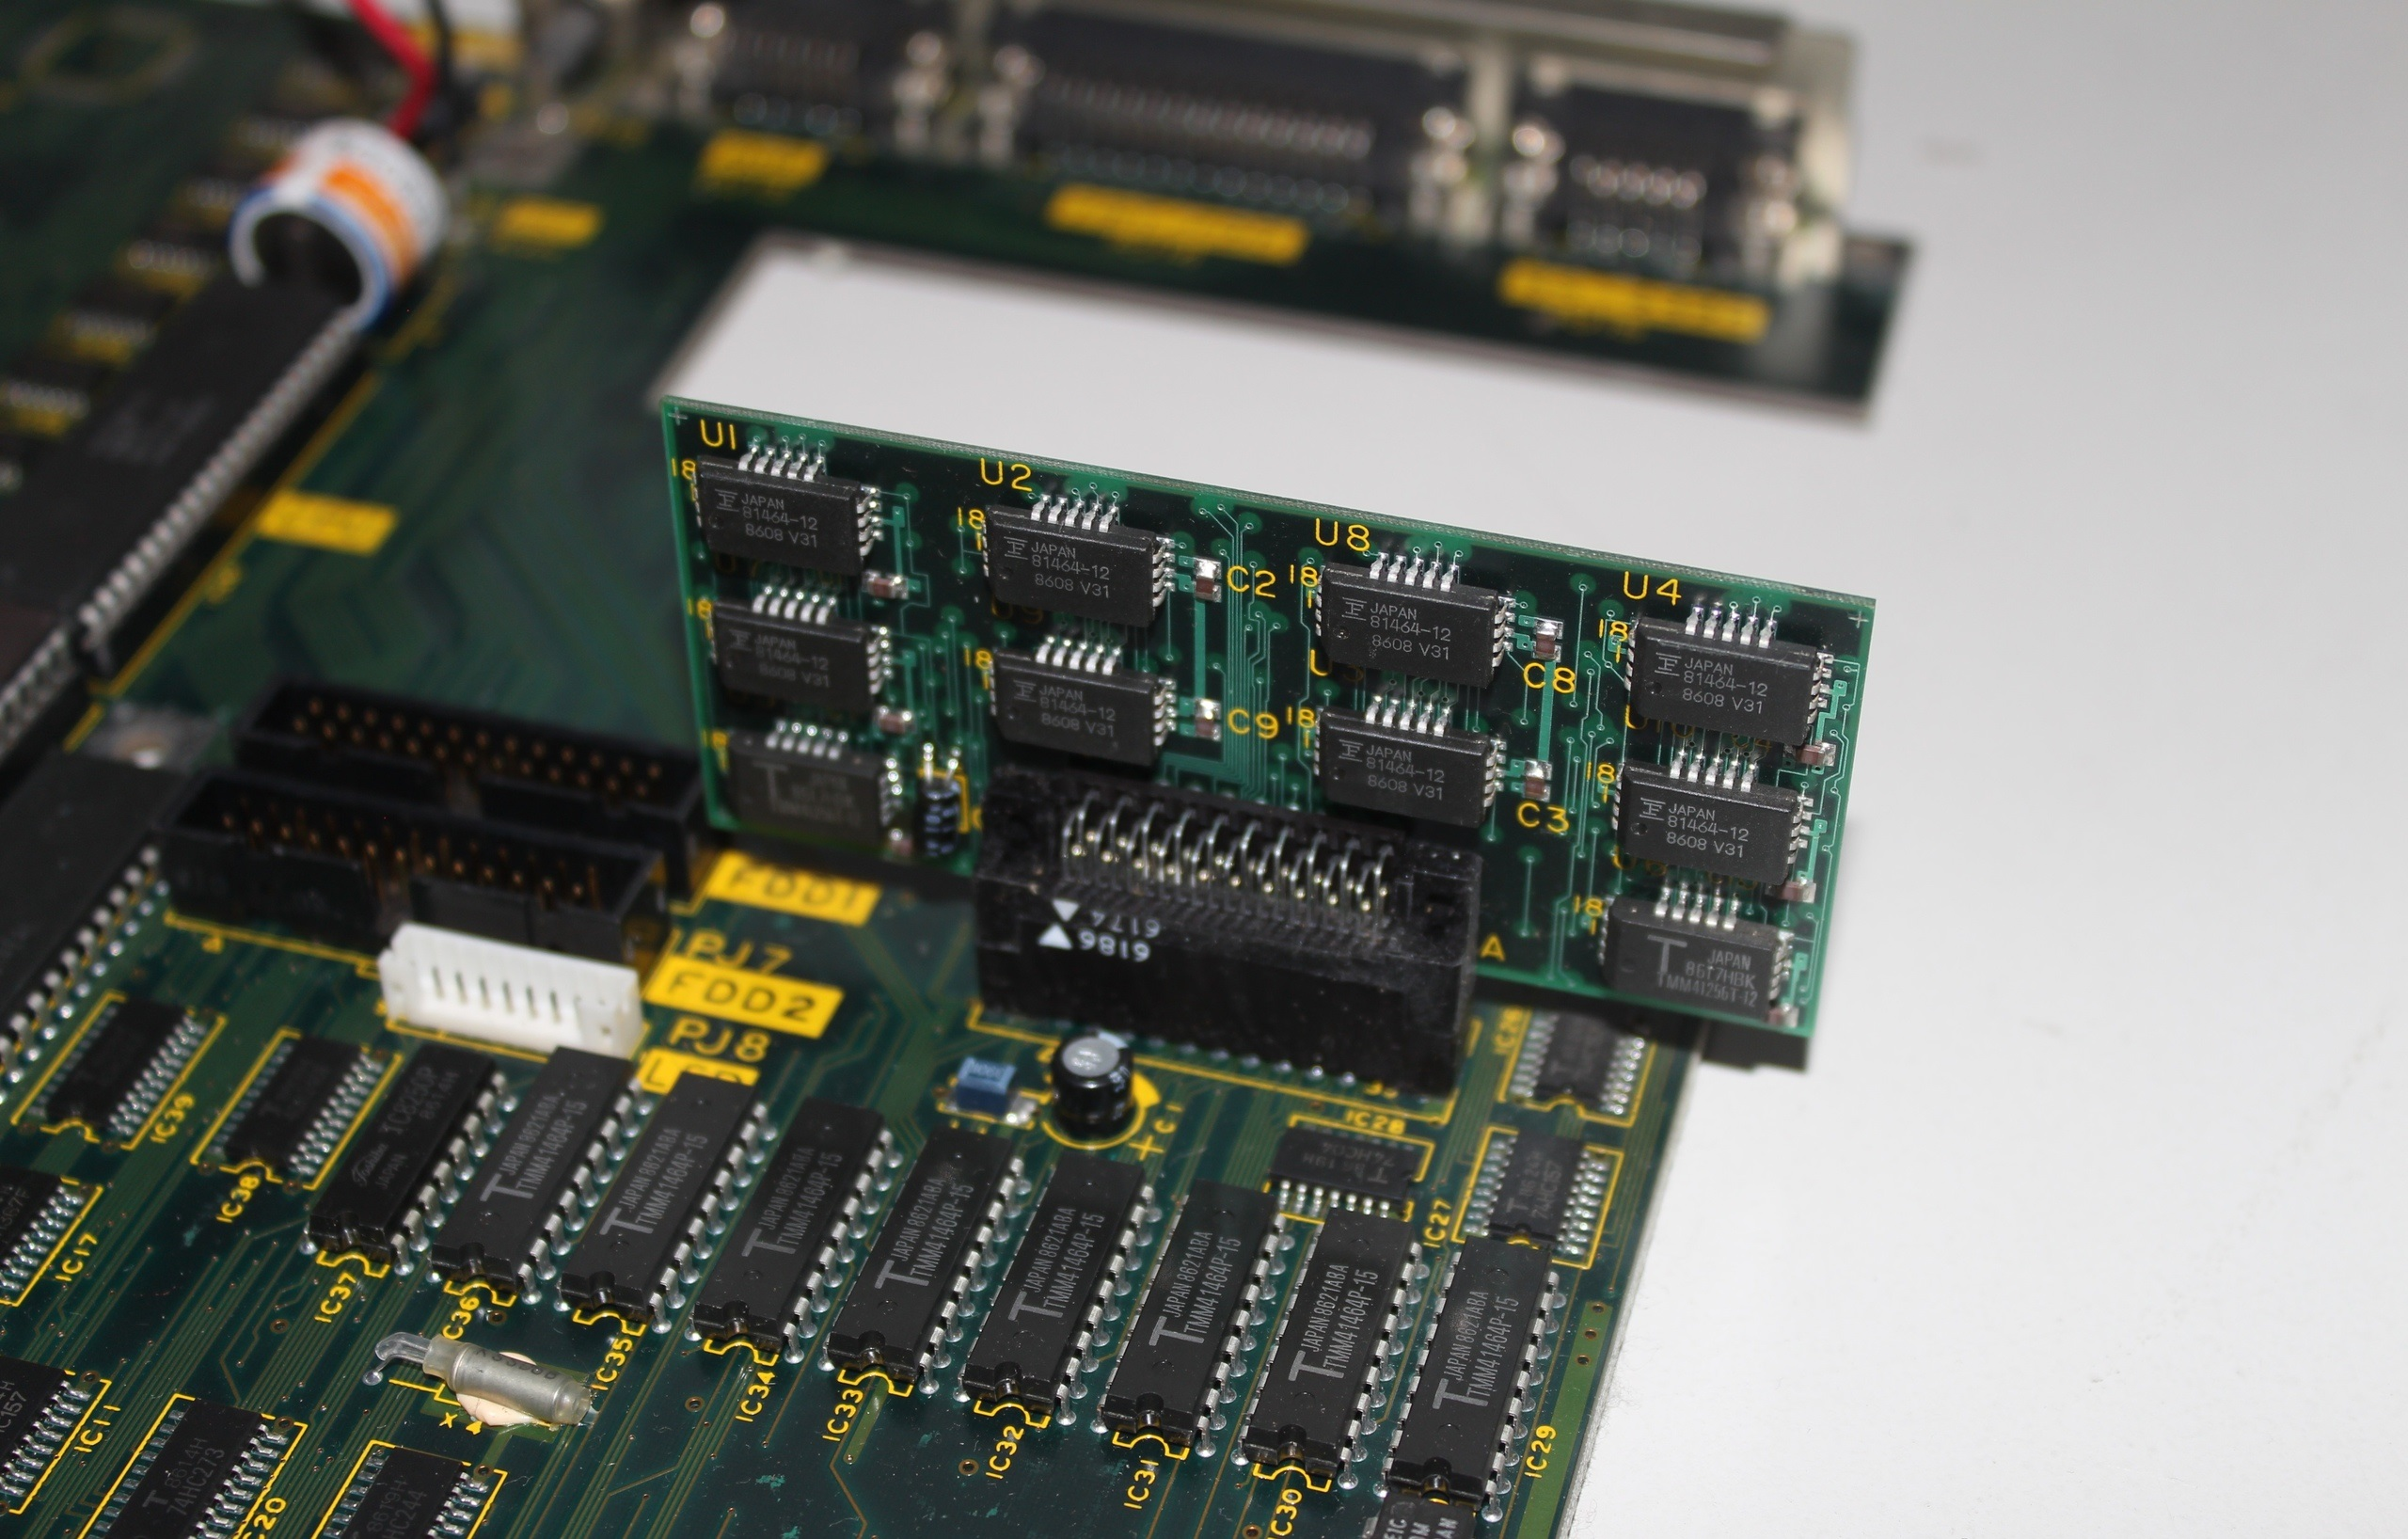 ОЗУ Toshiba T1100. Часть памяти распаяна на плате, часть на съемном модуле